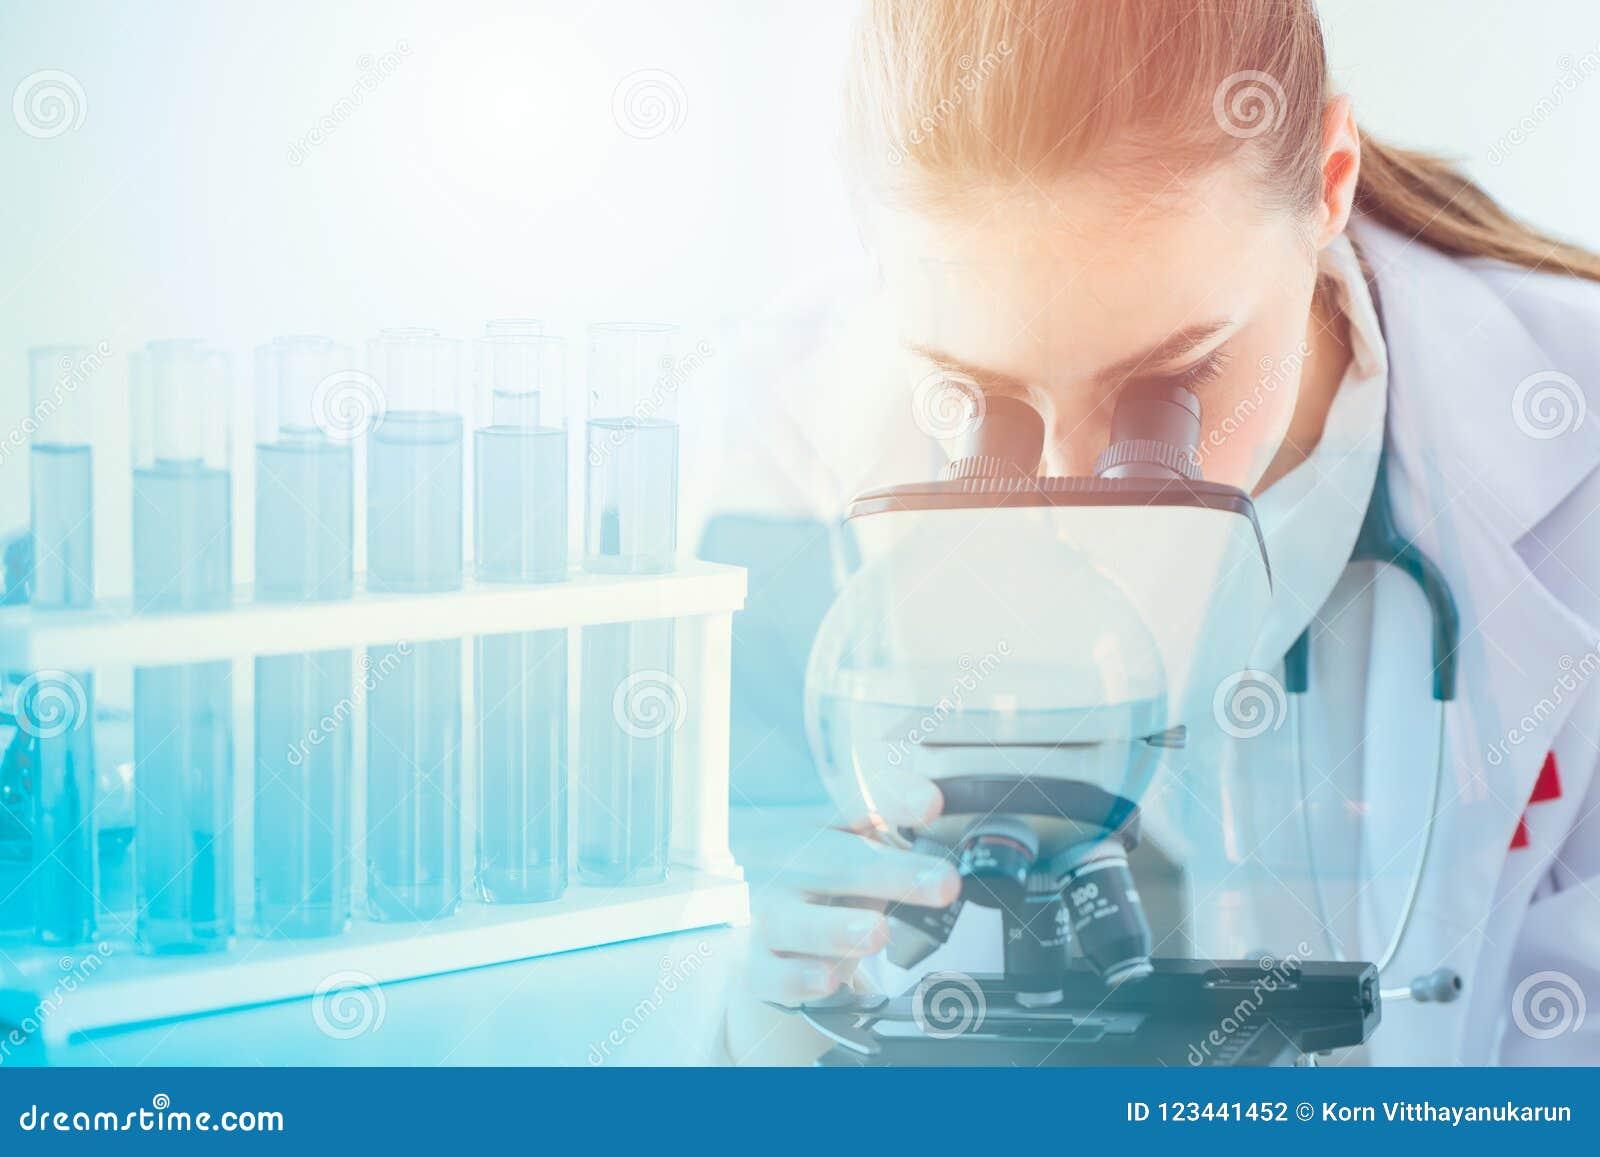 科学健康研究实验室医生科学家